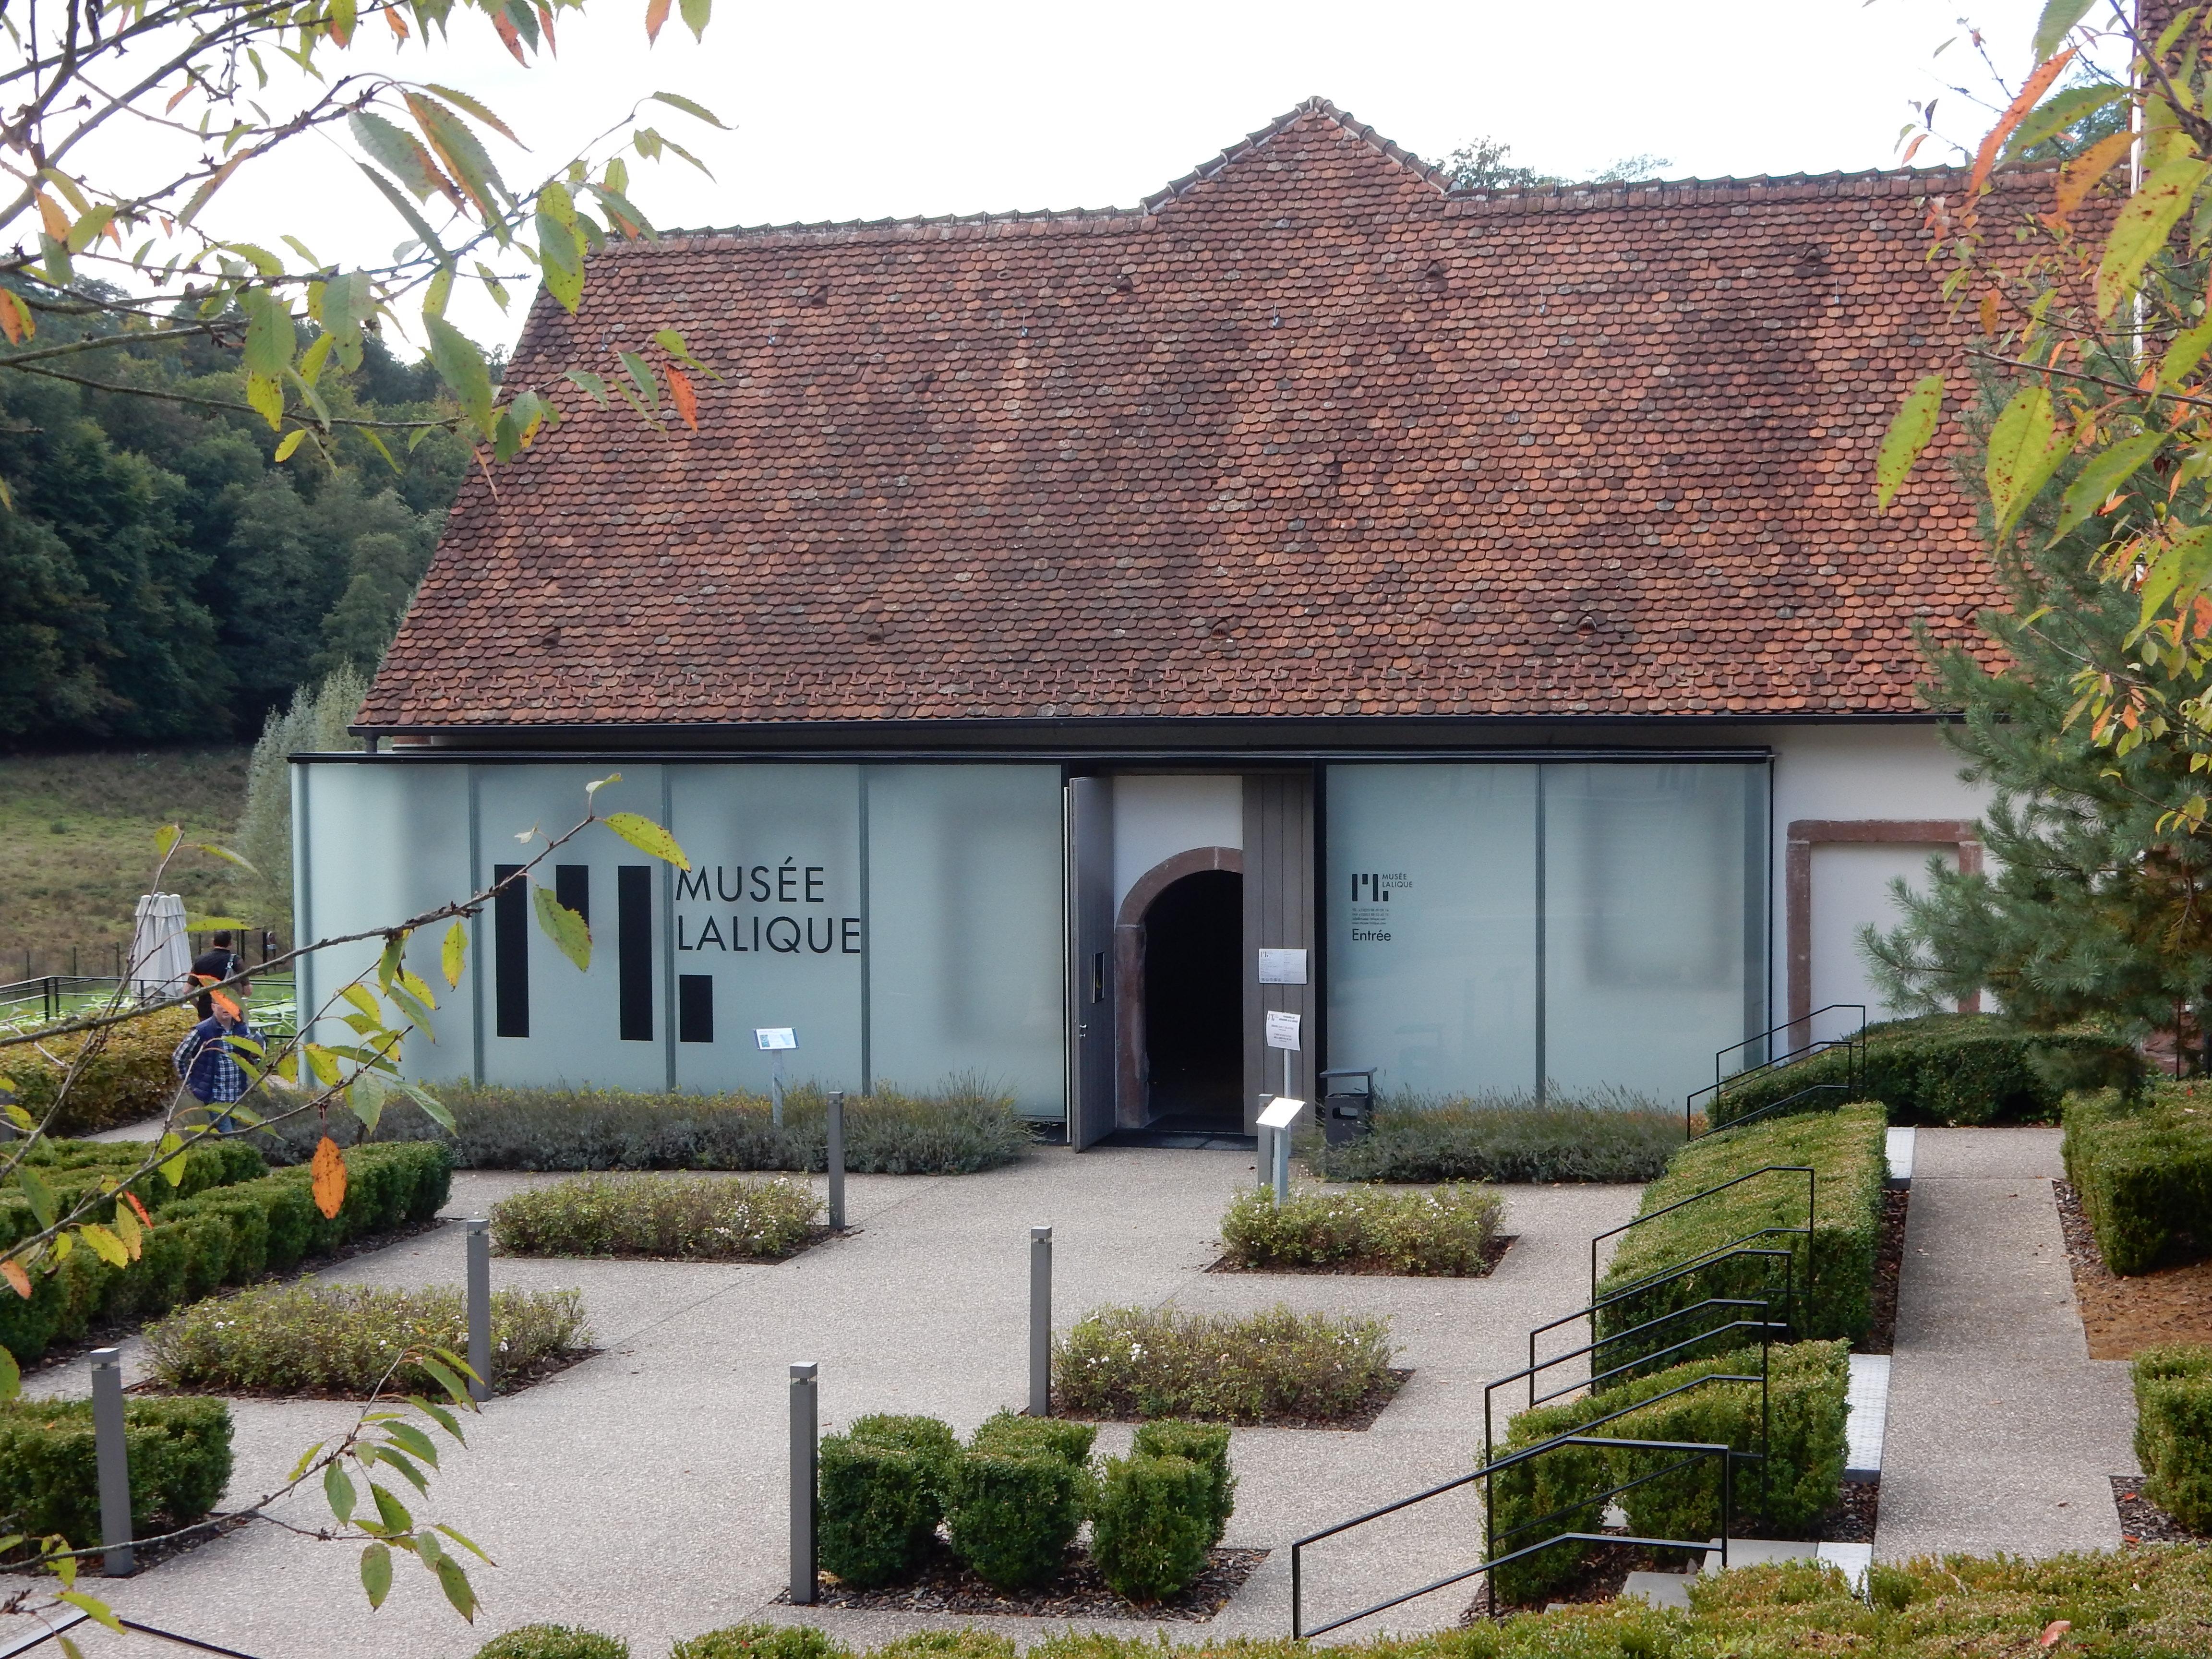 Musée Lalique, Wingen-sur-Moder, gevel, ingang, tuin